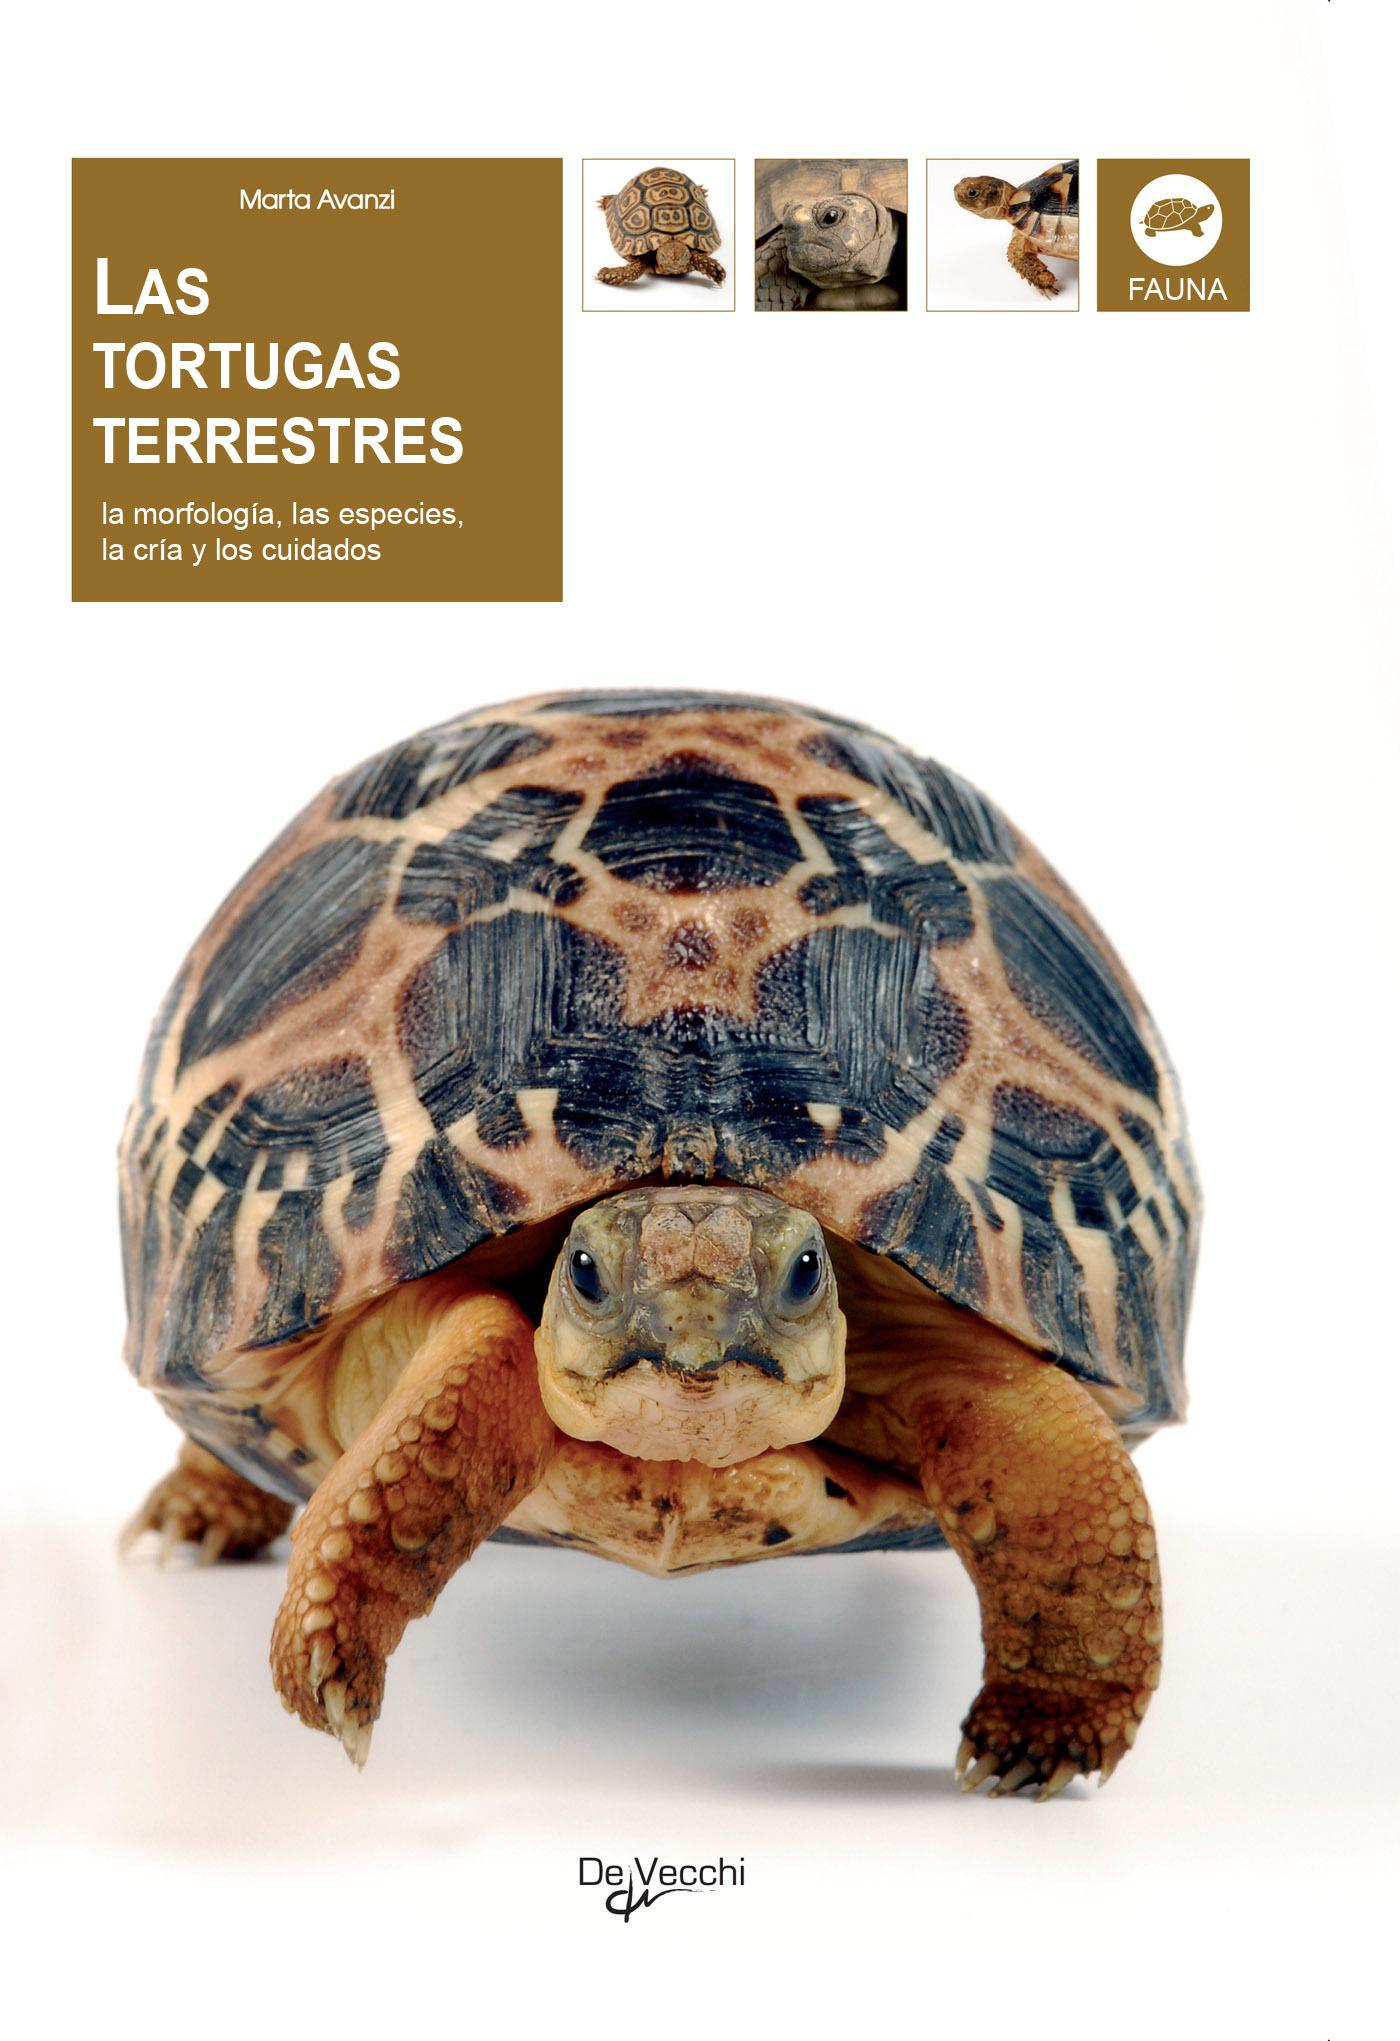 Avanzi, Marta - Las tortugas terrestres, ebook